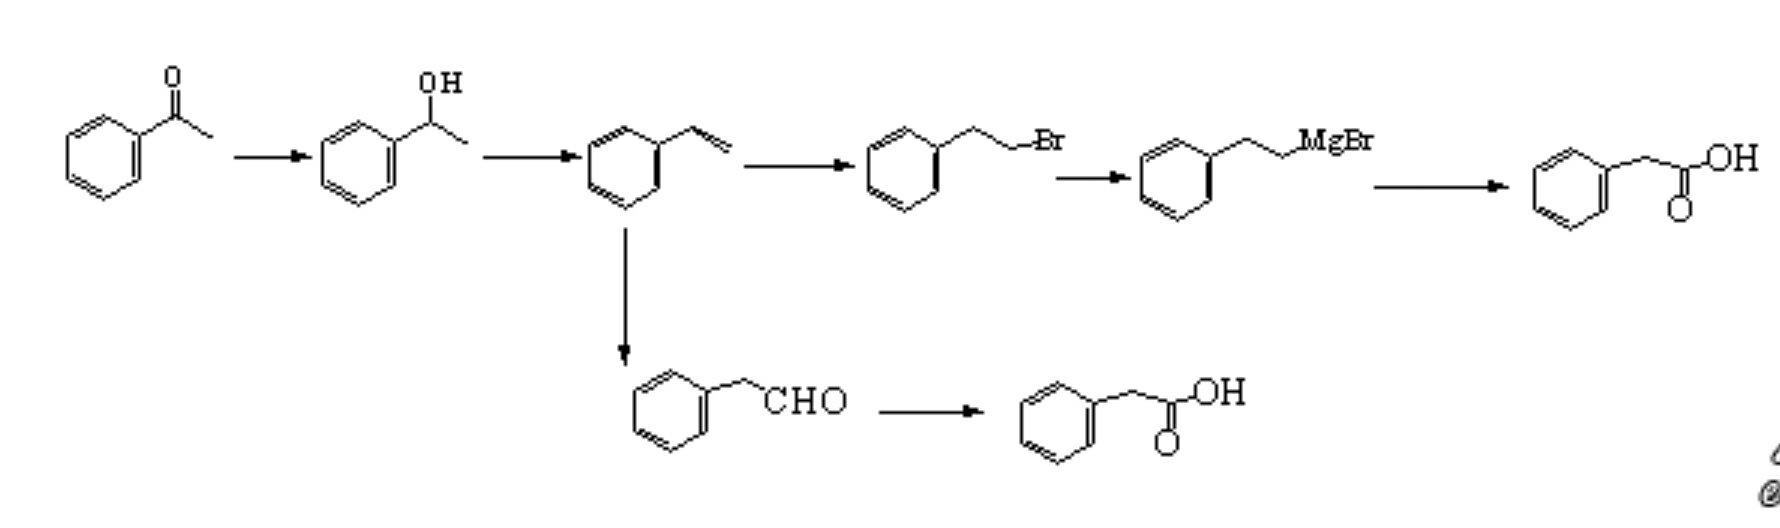 乙醇变乙酮条件